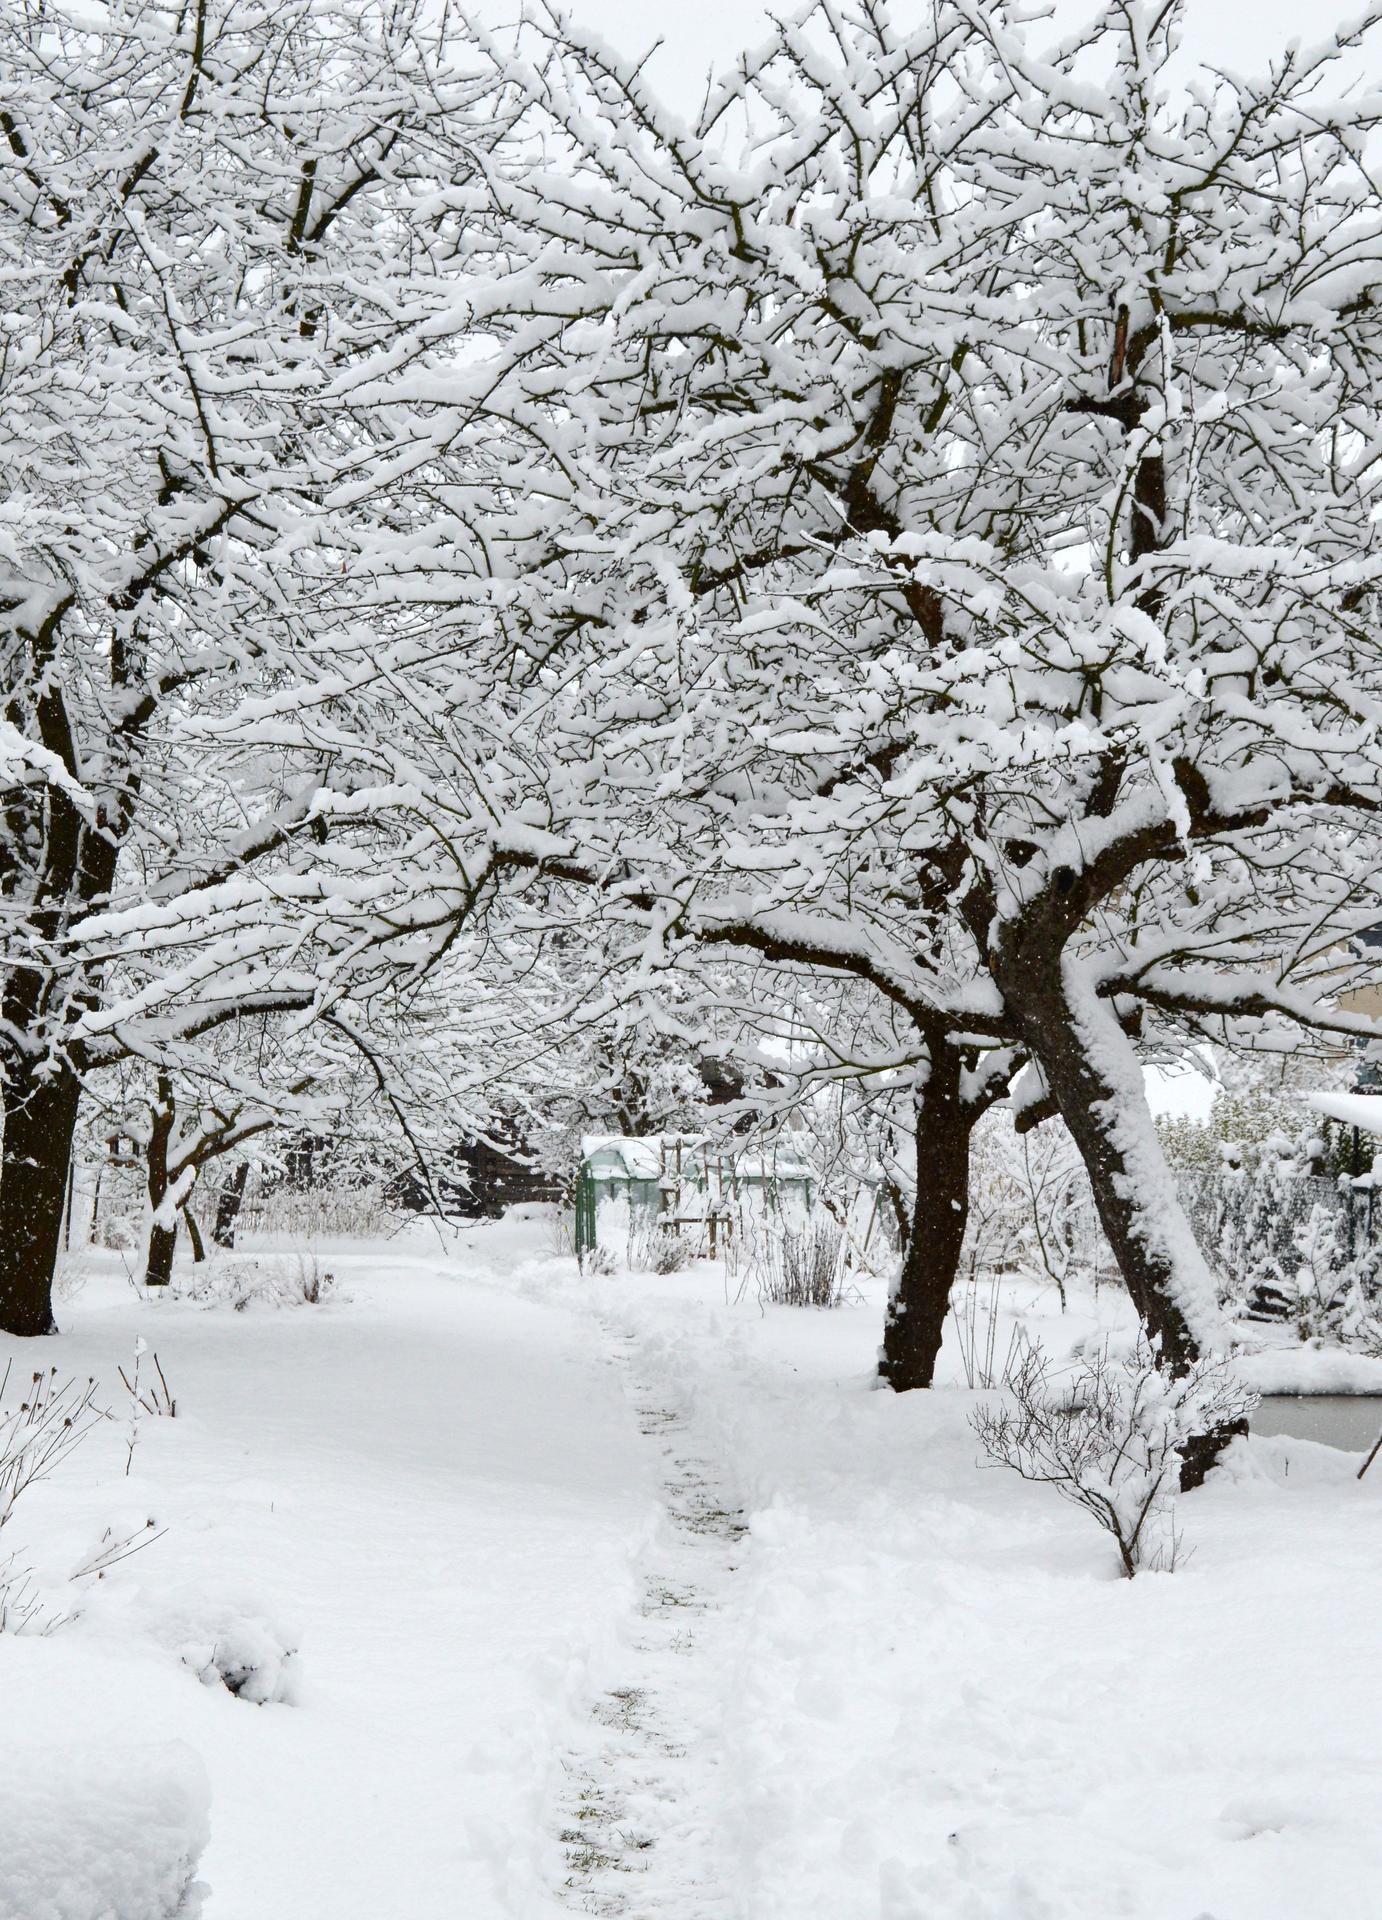 Naša prírodná perma záhradka v roku 2020 - ako z rozprávky, pani Zima sa krásne rozlúčila